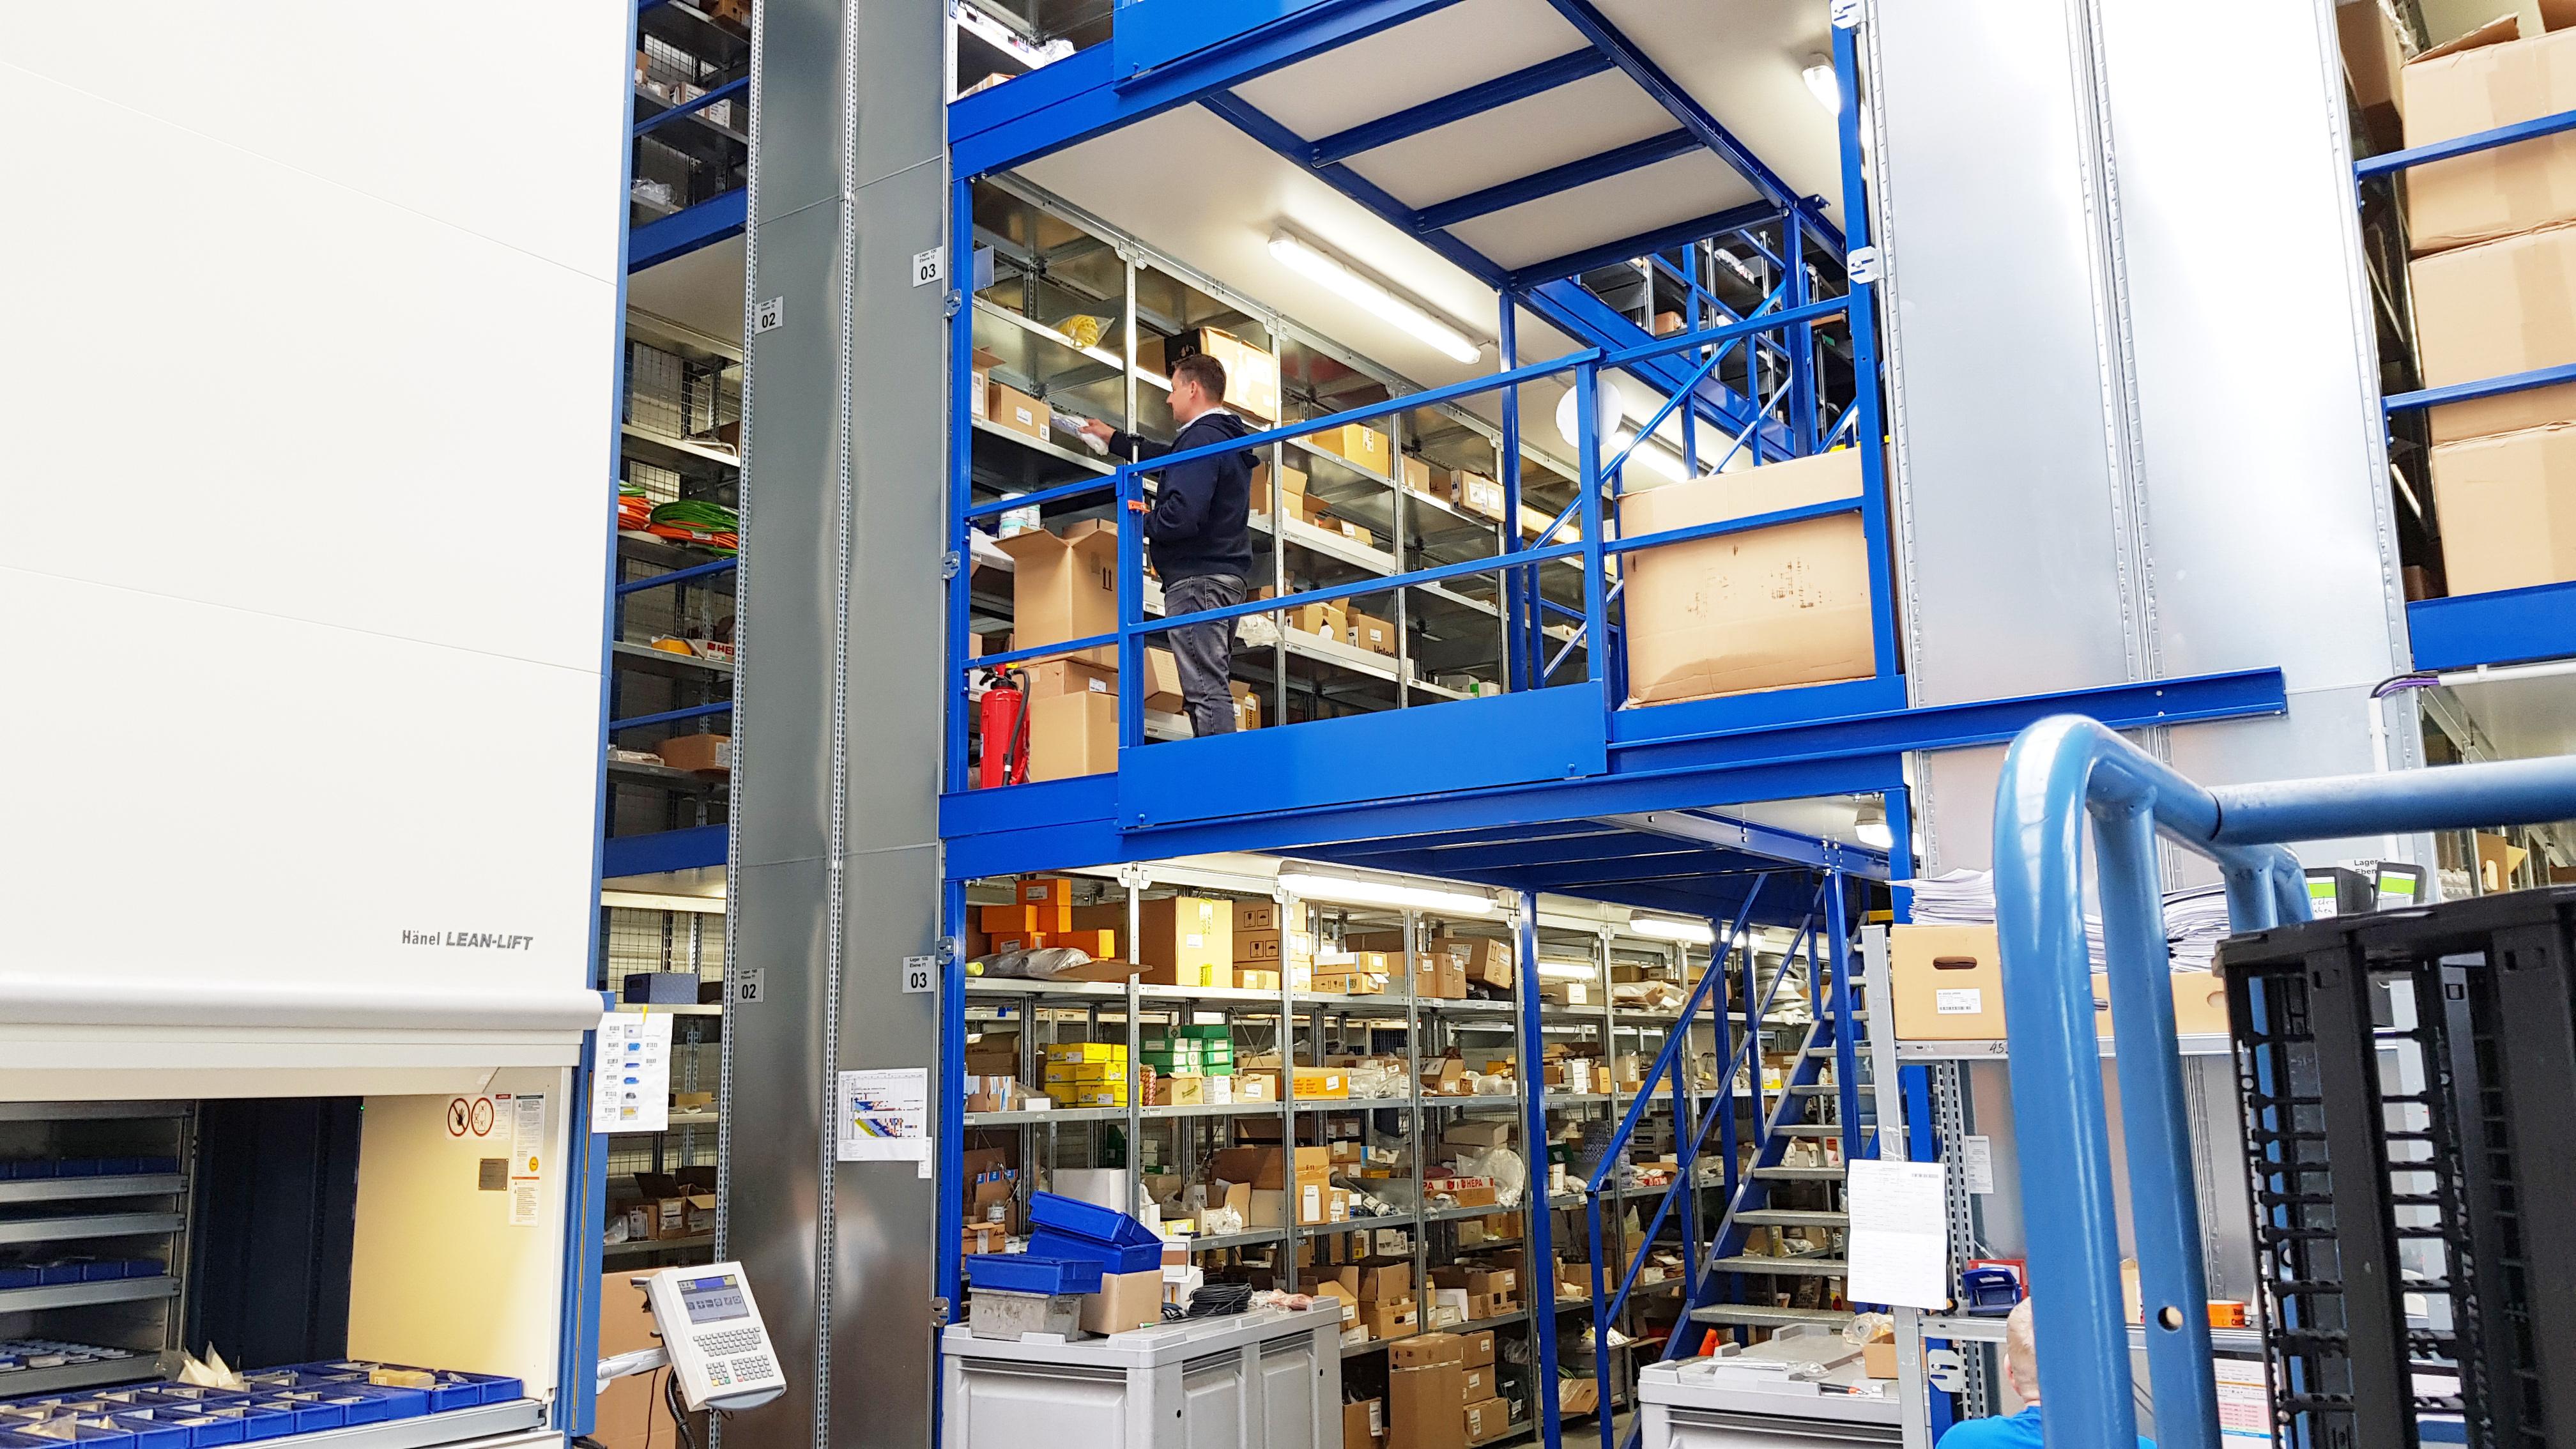 Werkzeugmaschinenbau Service: Ersatzteile / Machine Tool Service: Spare Parts